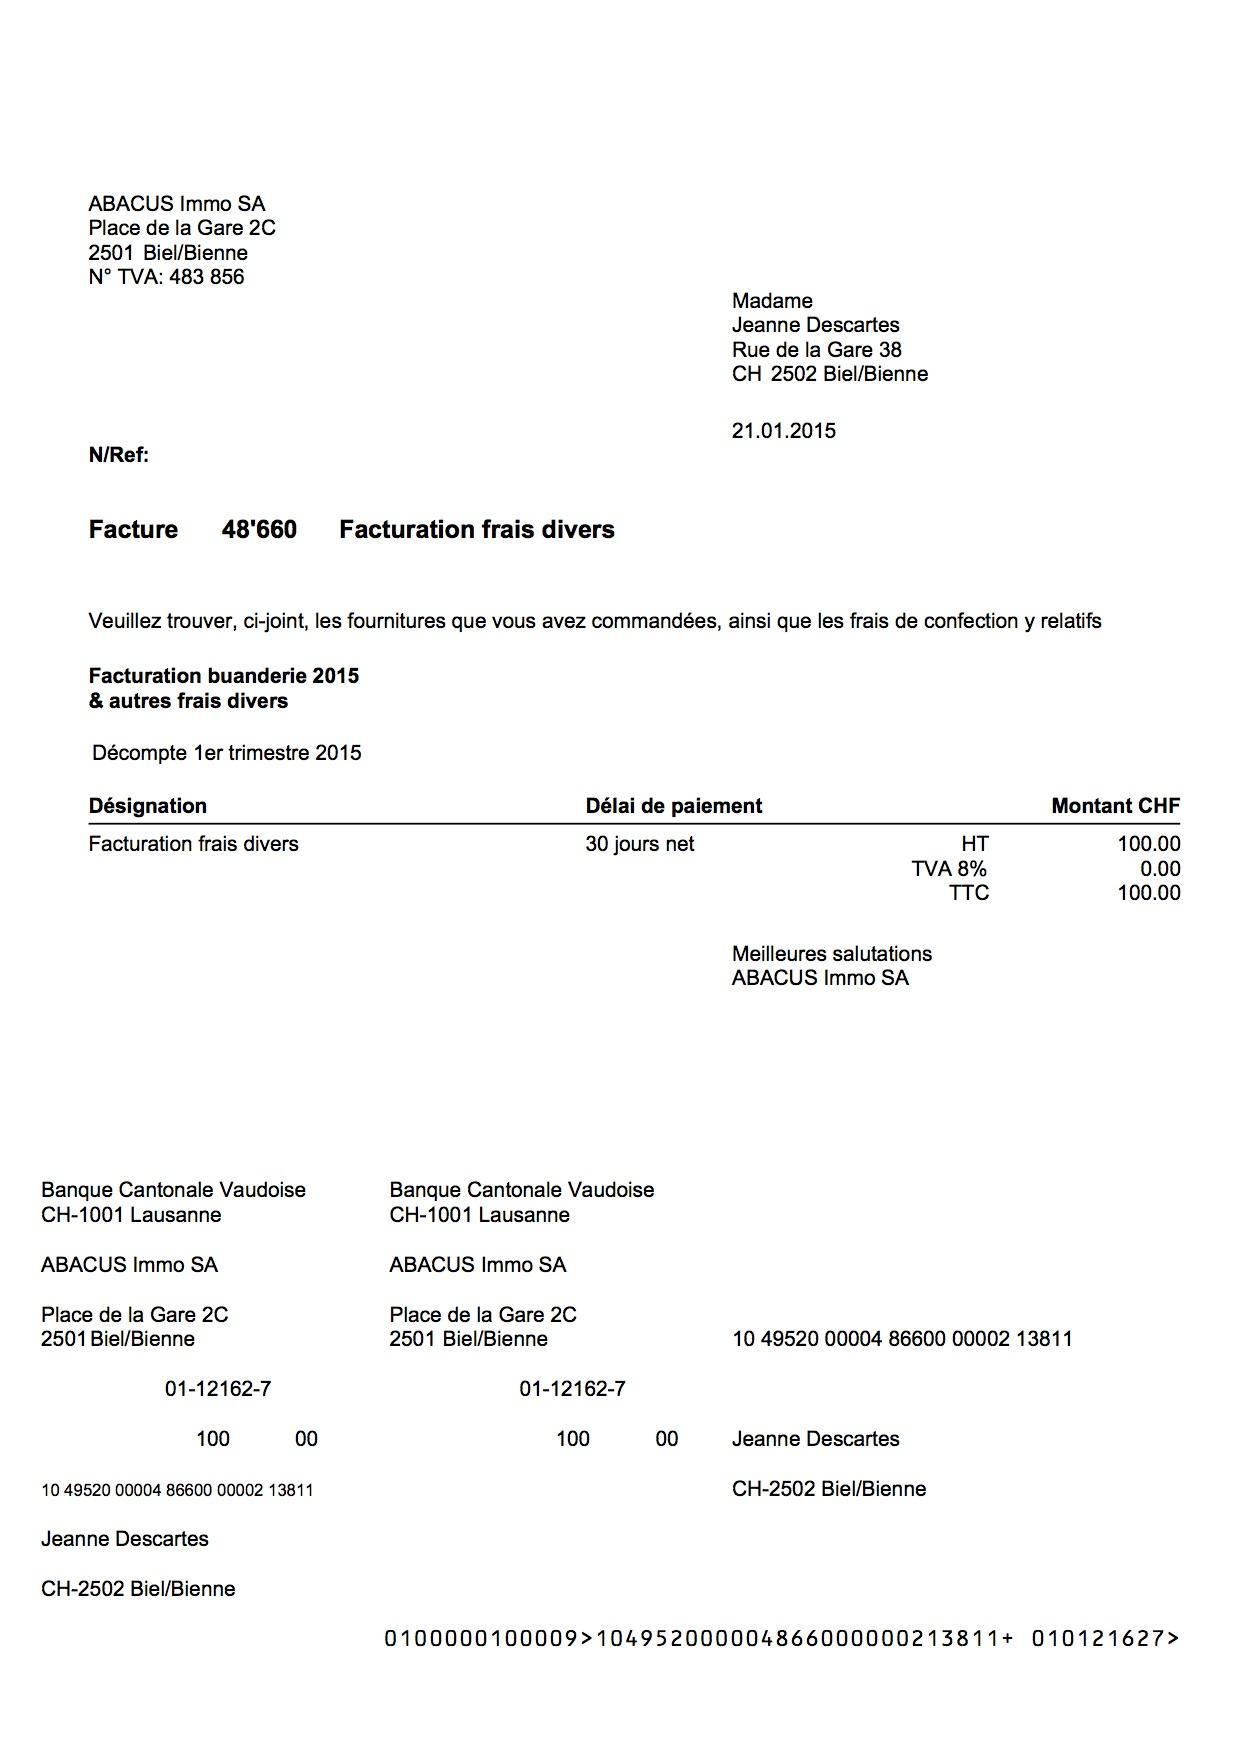 Information facture : utilité de la facture